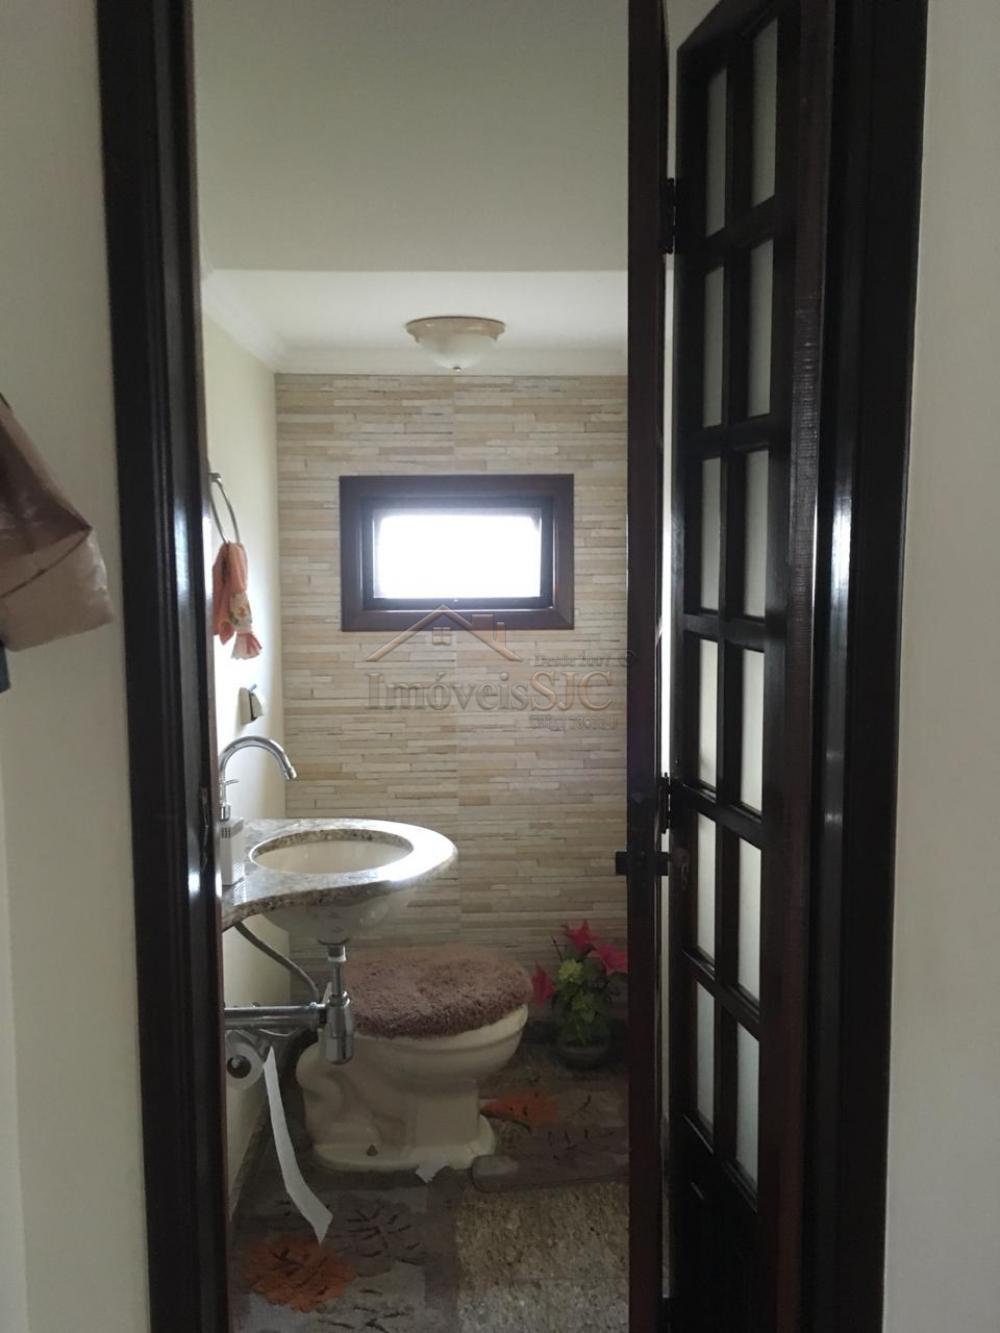 Comprar Casas / Condomínio em São José dos Campos apenas R$ 923.000,00 - Foto 12